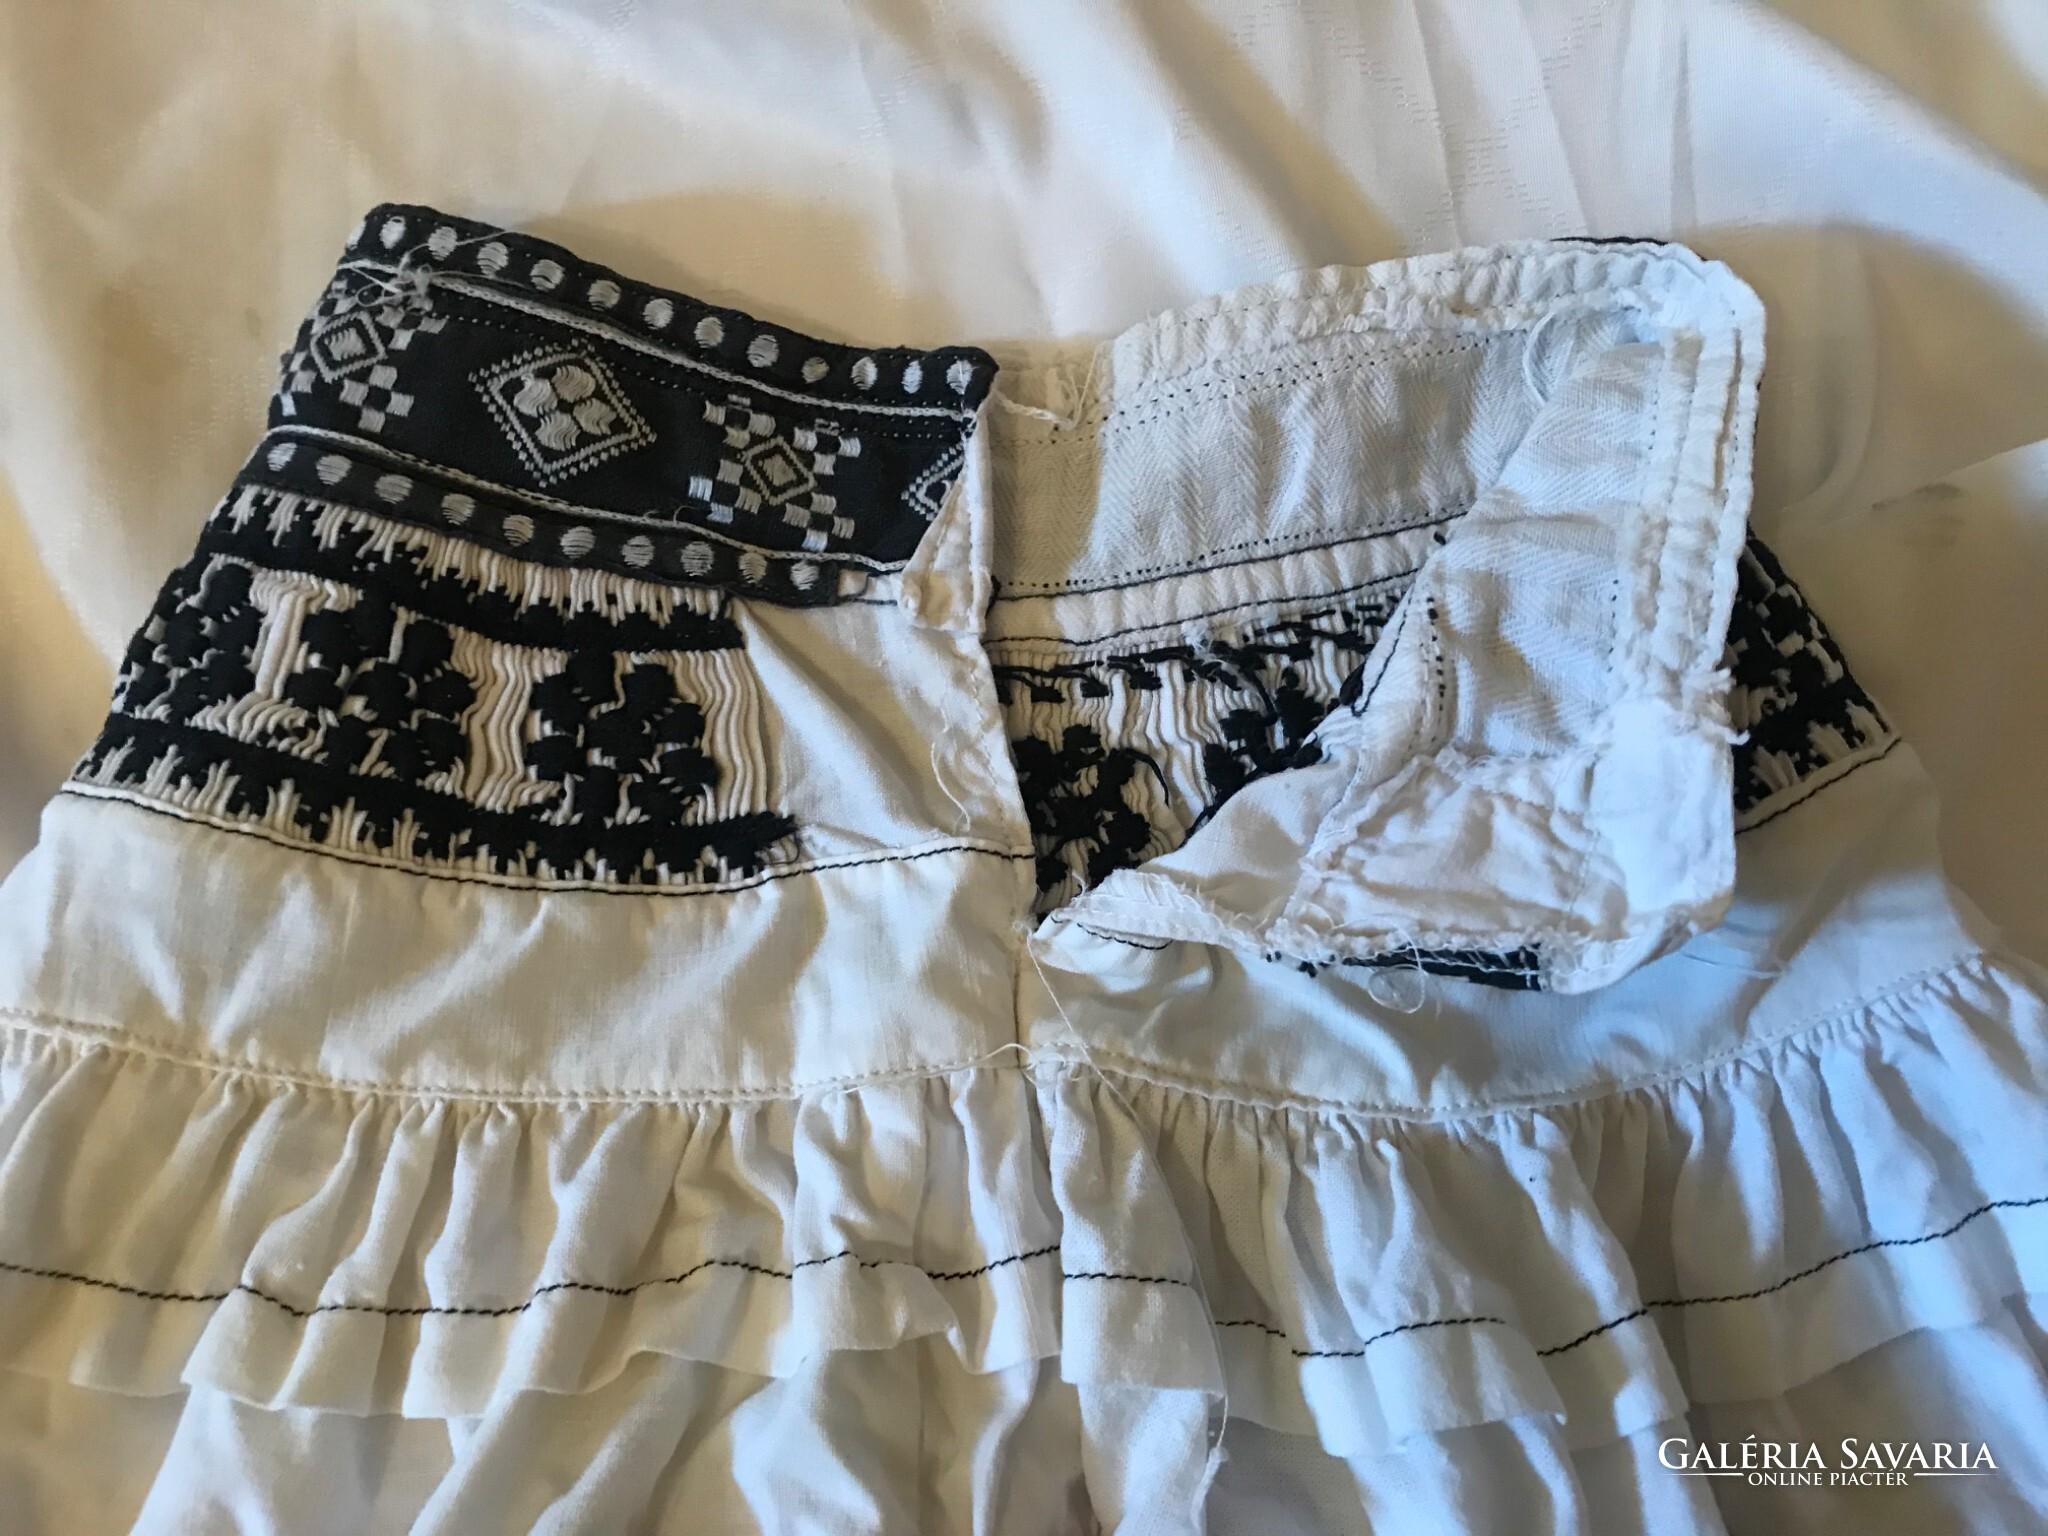 100 éves Népi Kislány Szoknya Wardrobe | Galeria Savaria